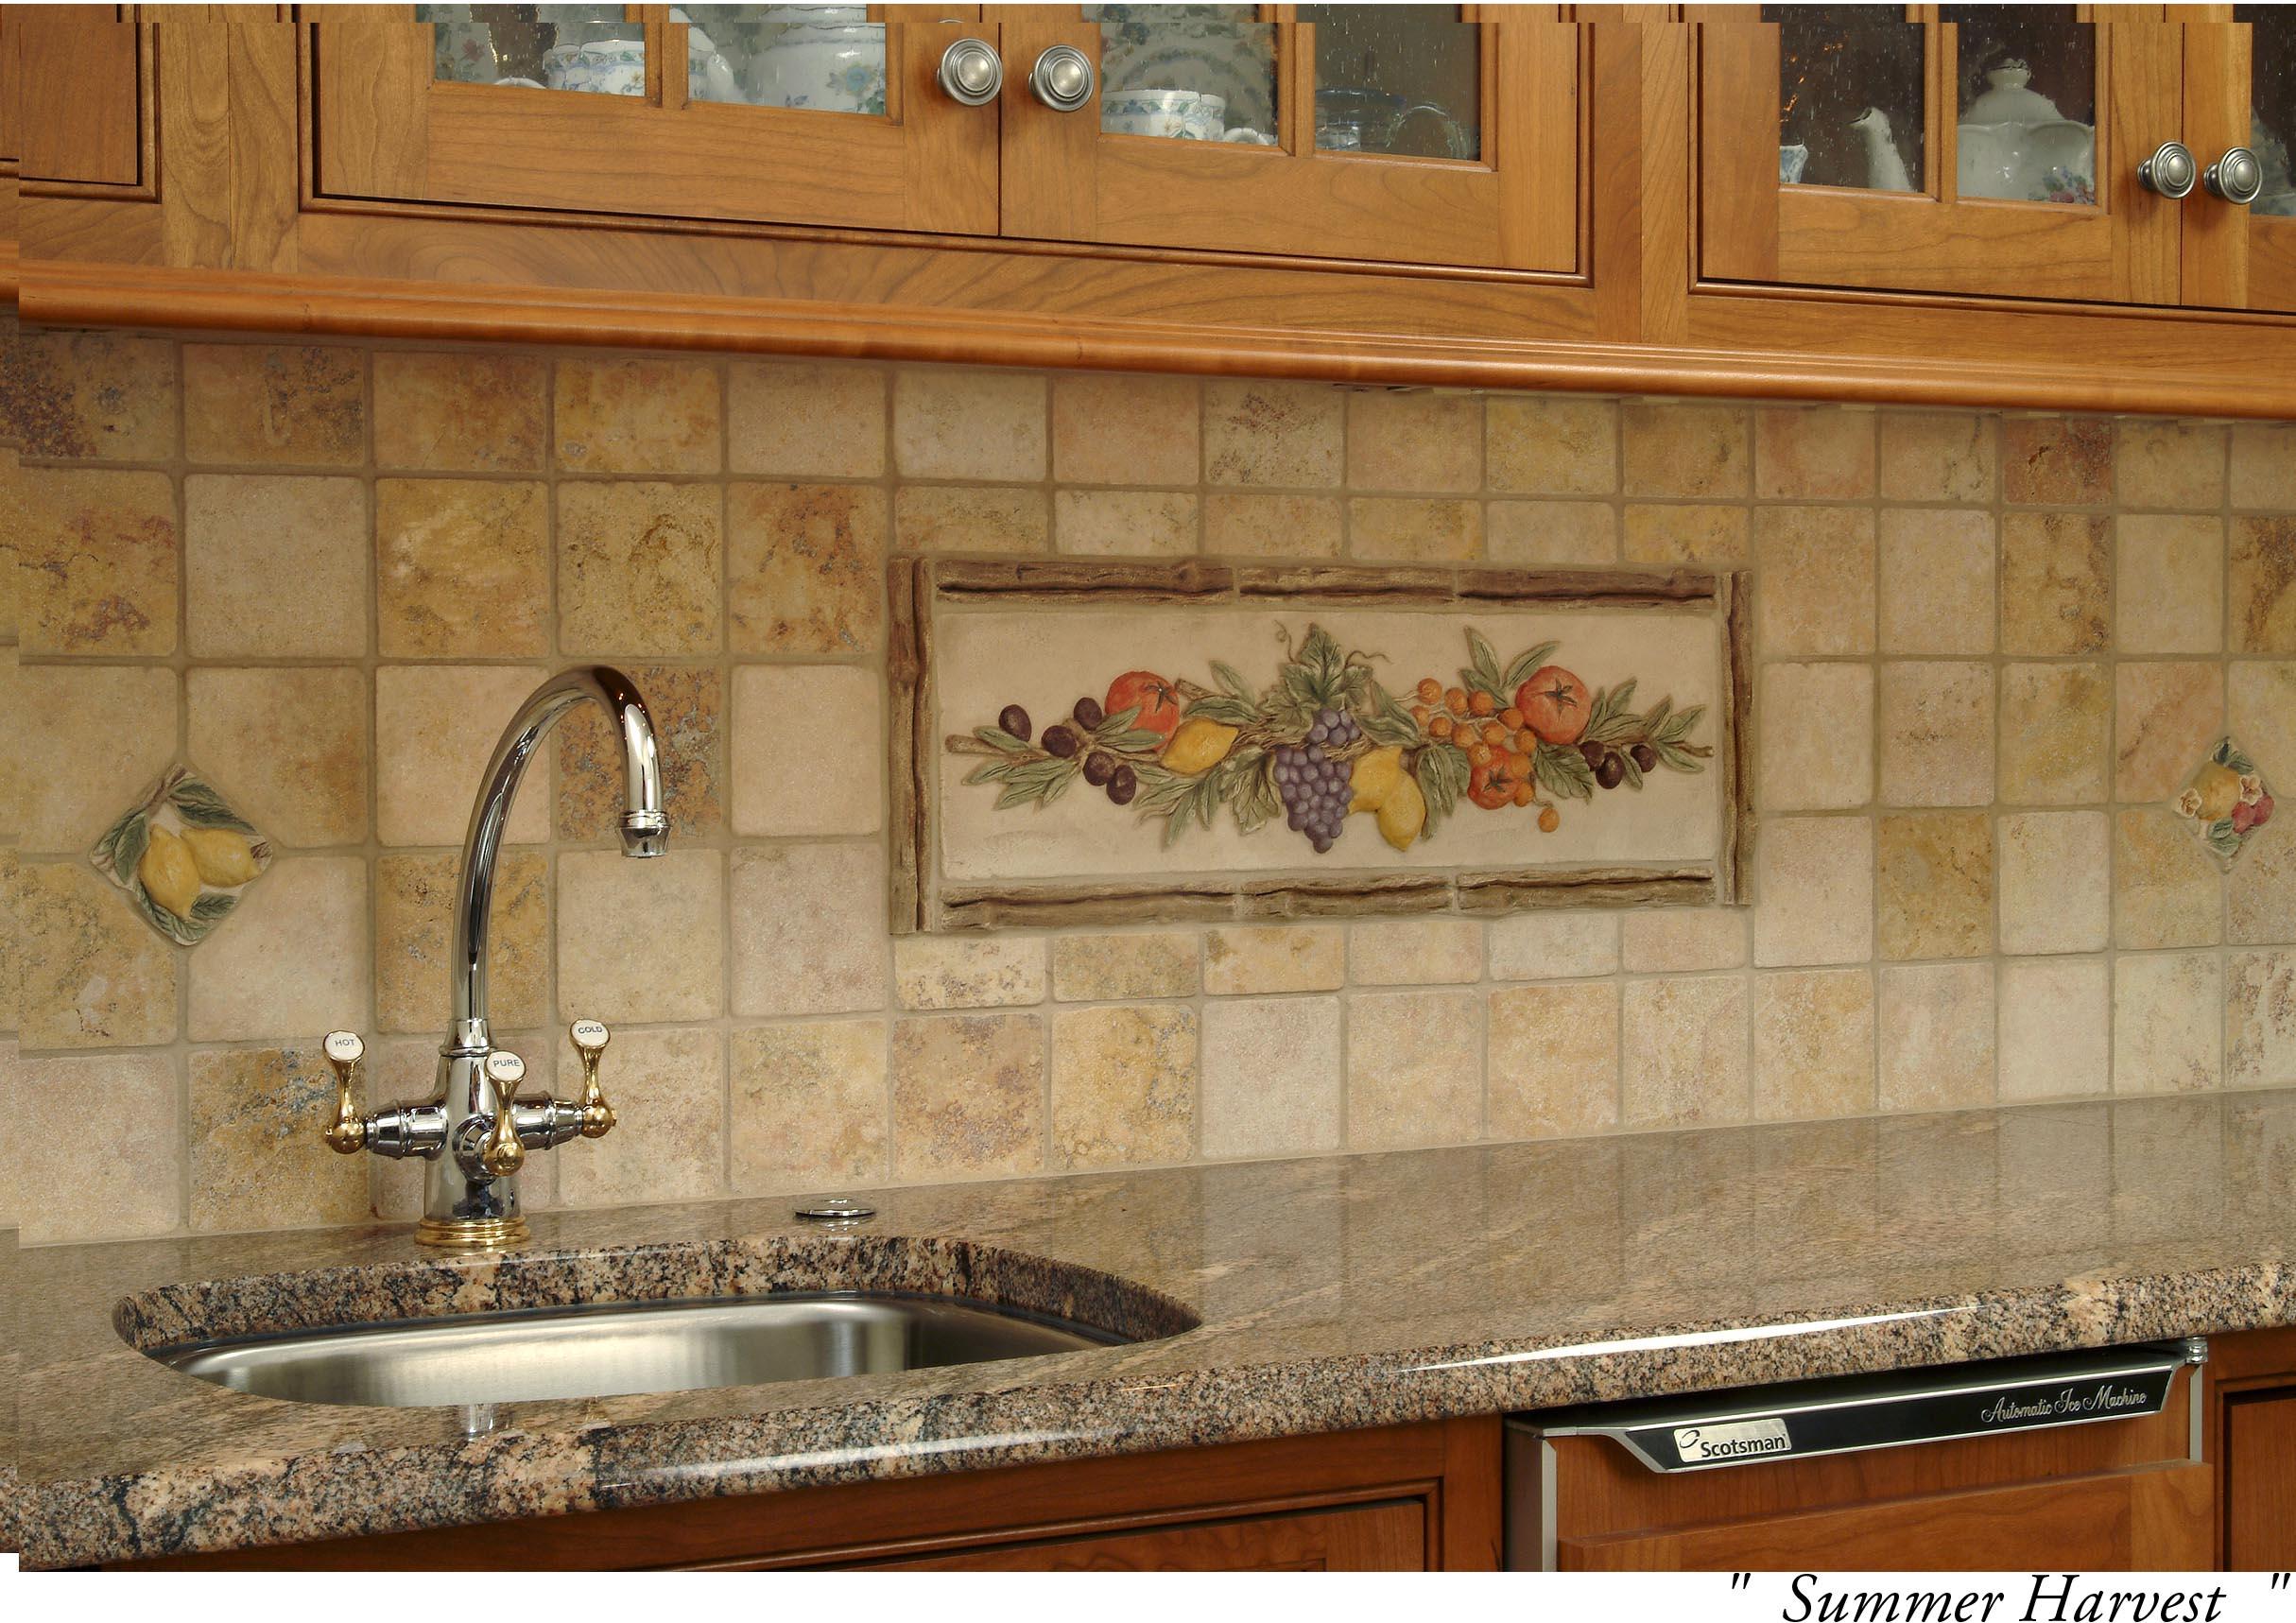 - 48+] Wallpaper Tiles For Kitchen Backsplashes On WallpaperSafari